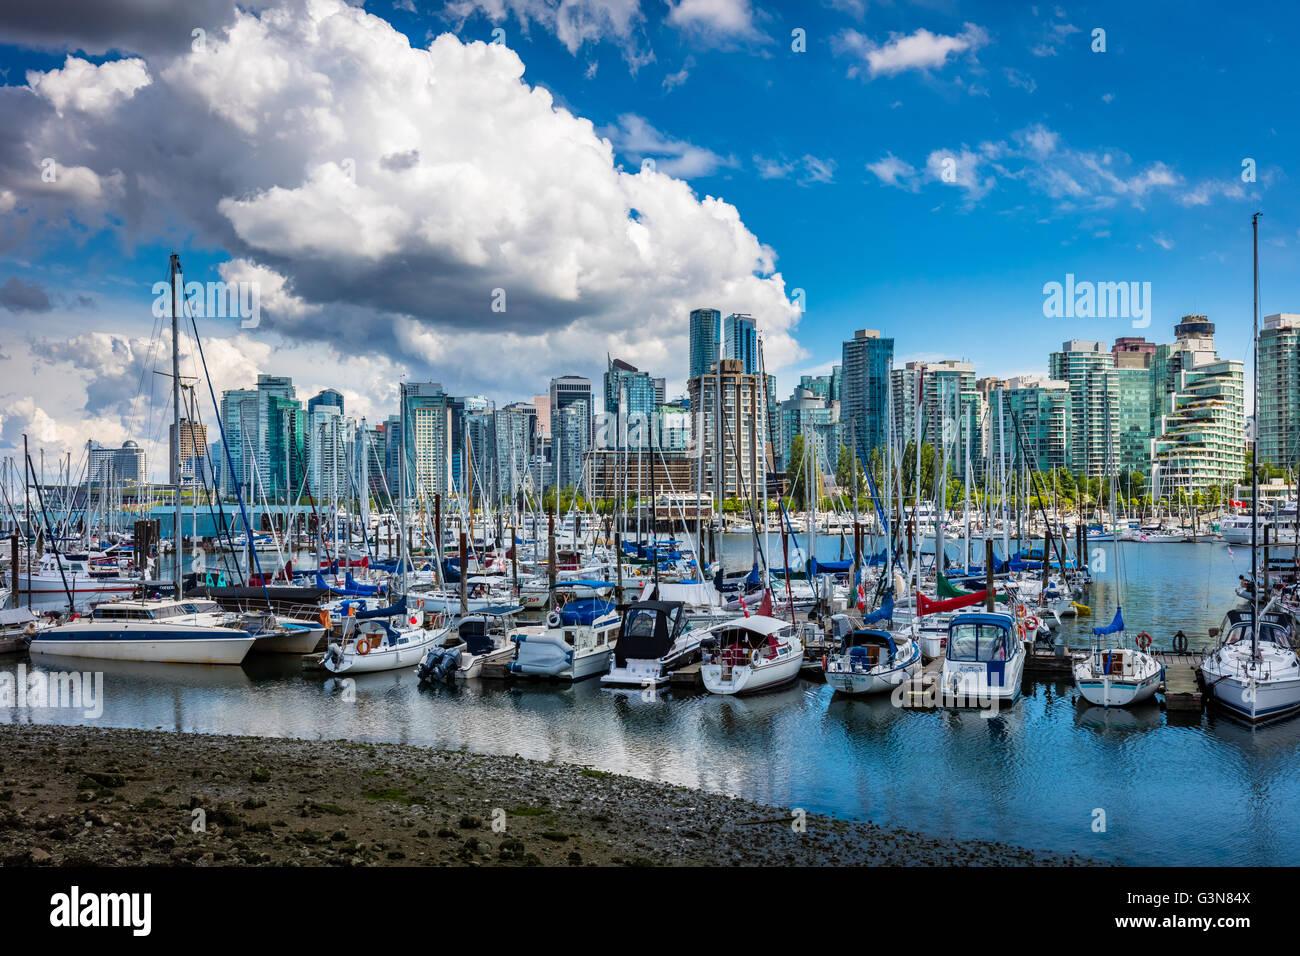 Vancouver es la ciudad más poblada de la provincia canadiense de British Columbia. Imagen De Stock